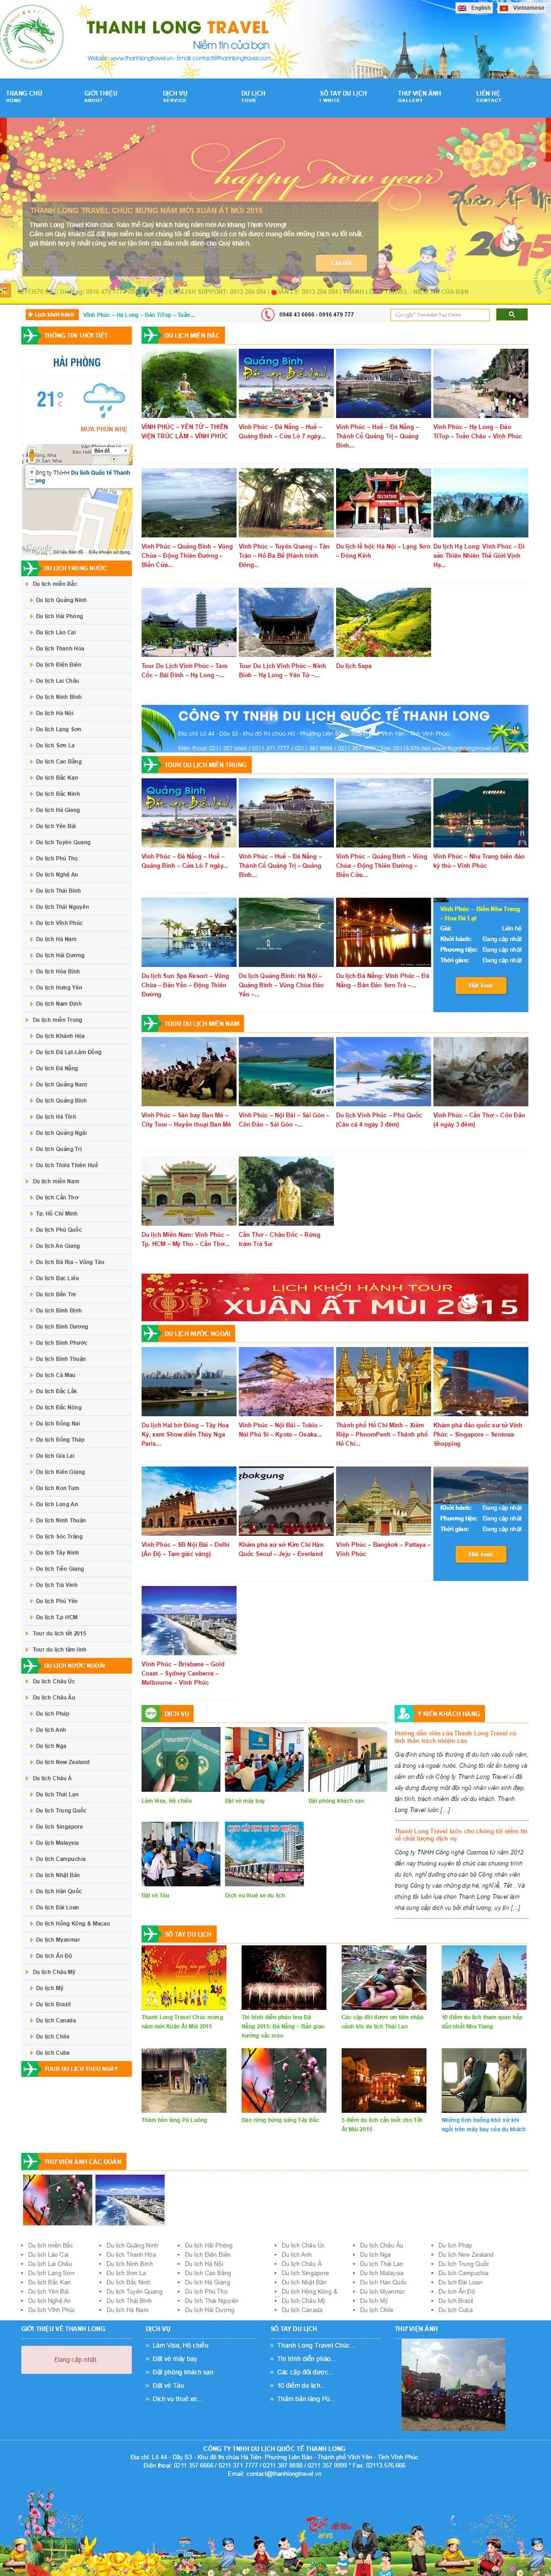 Giao diện Trang Thanhlongtravel.vn